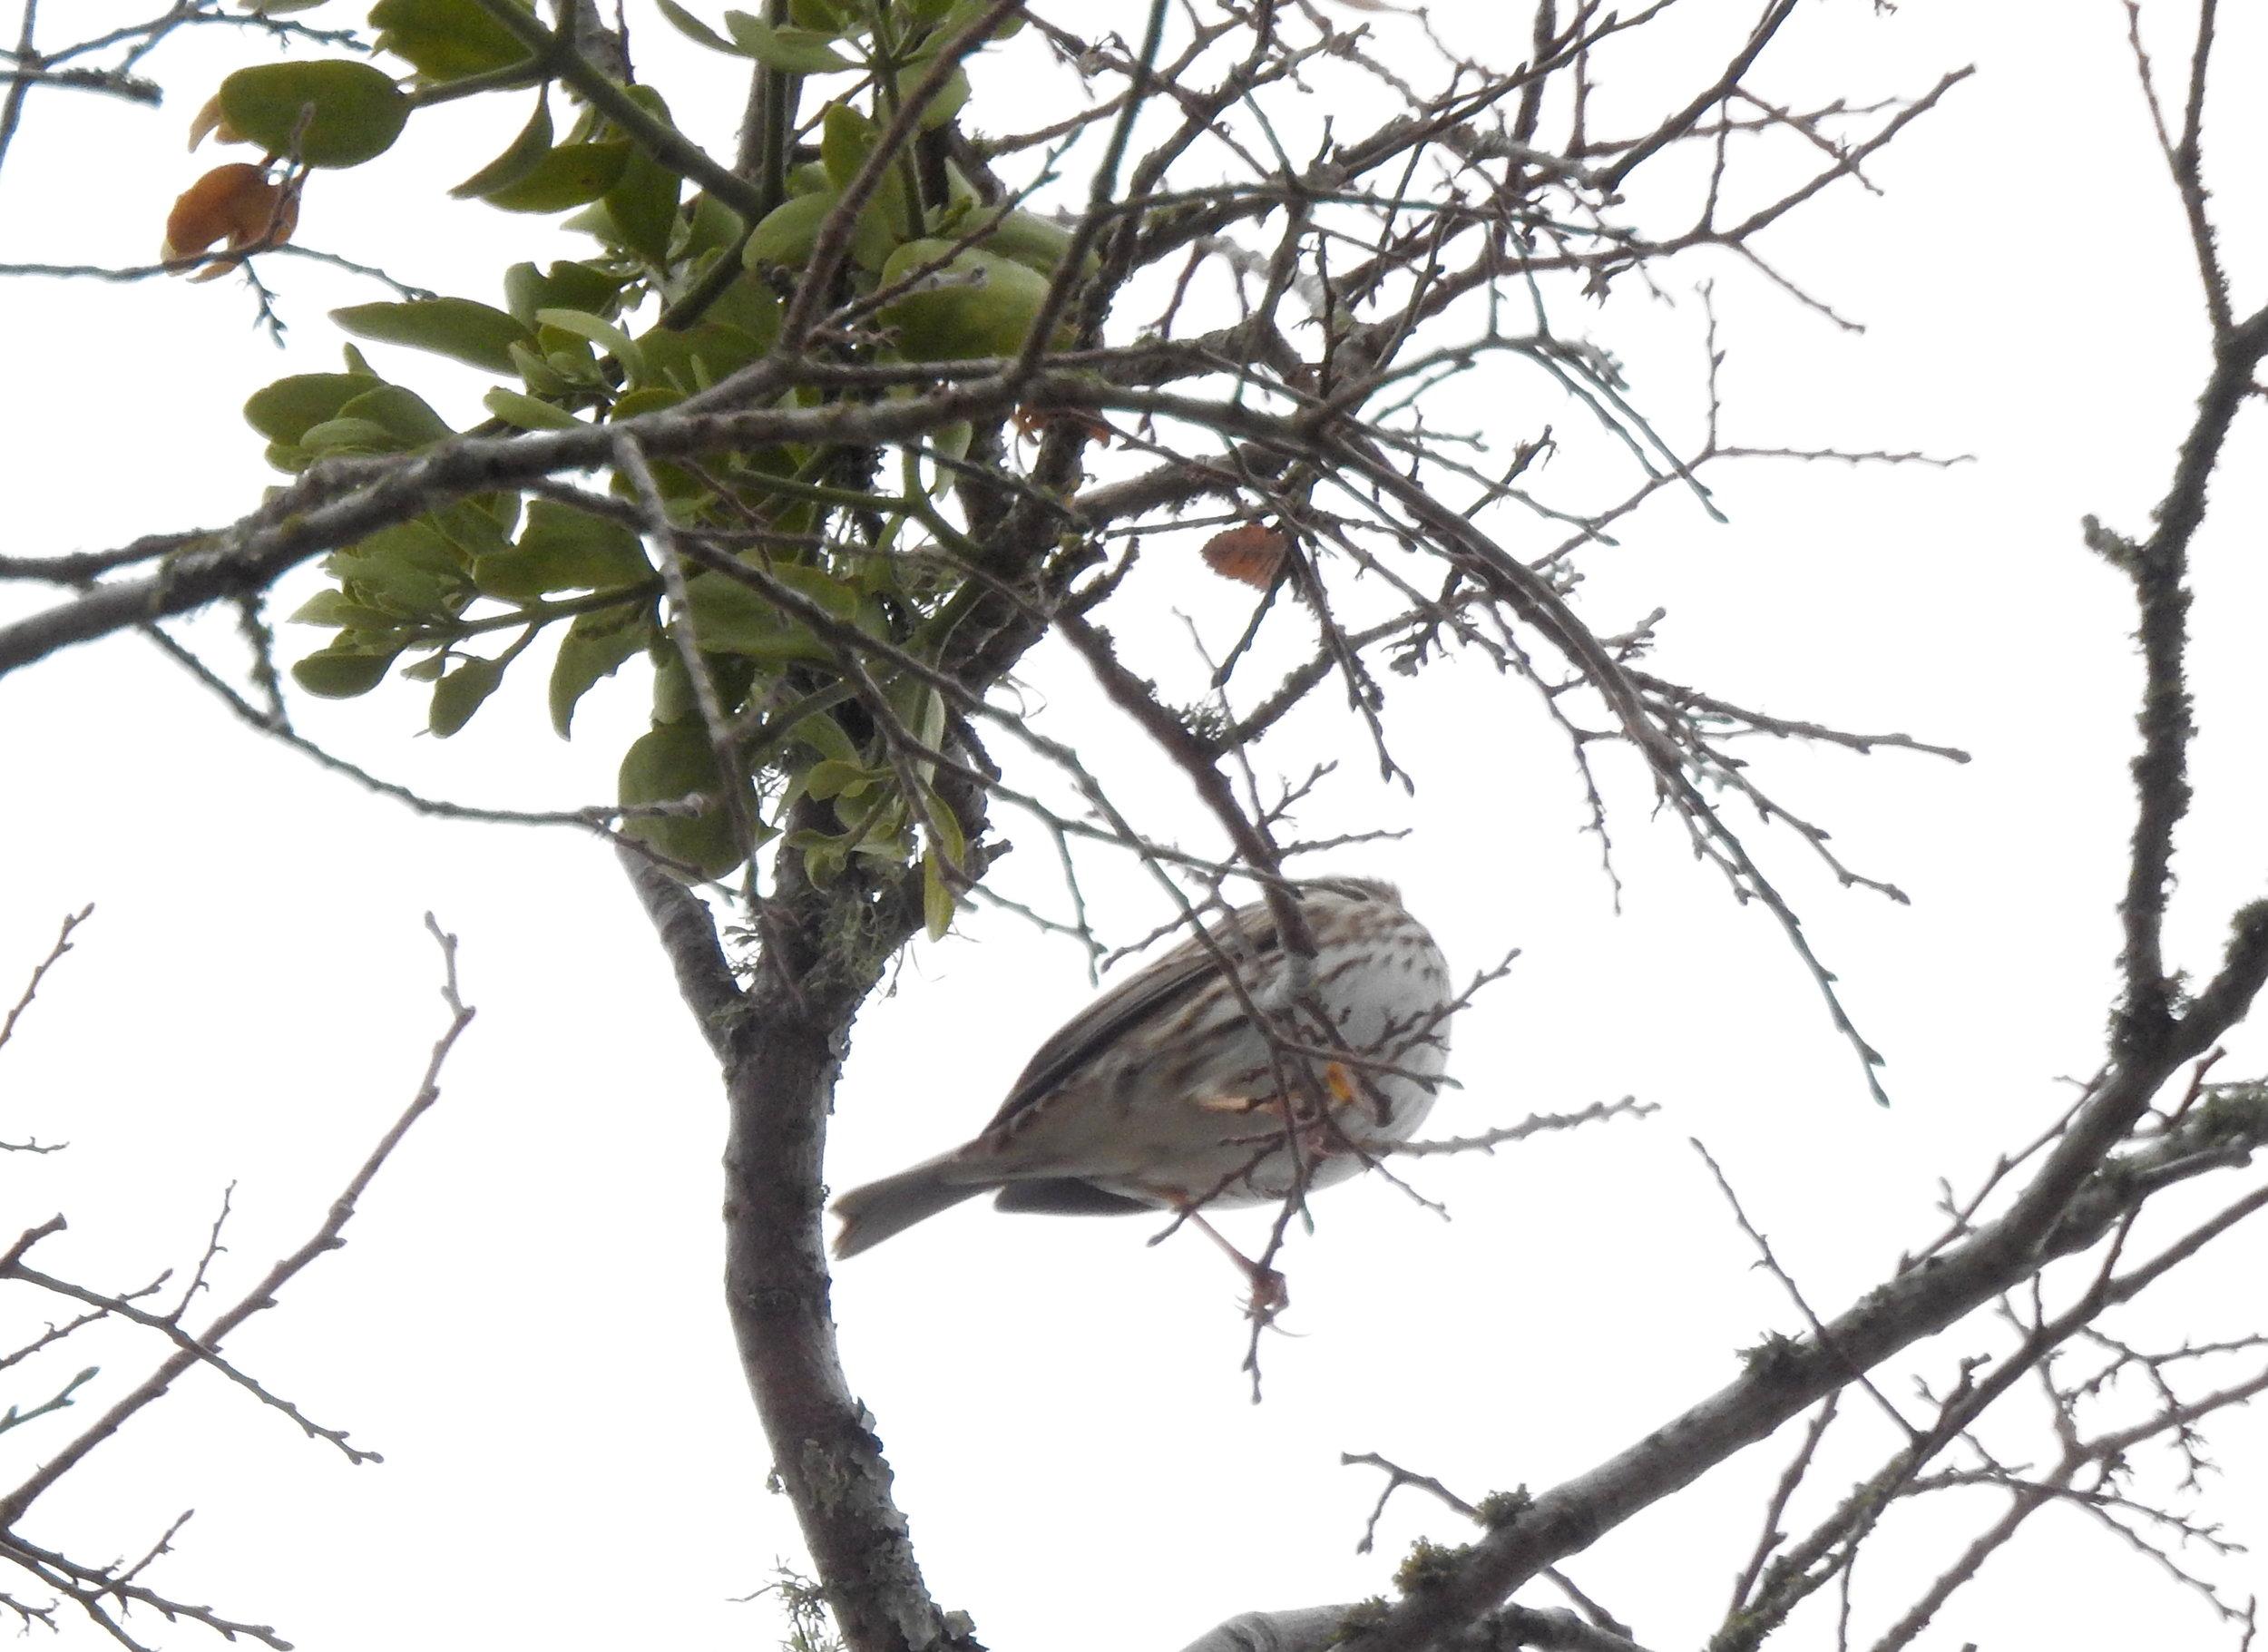 Savannah Sparrow with Christmas Mistletoe